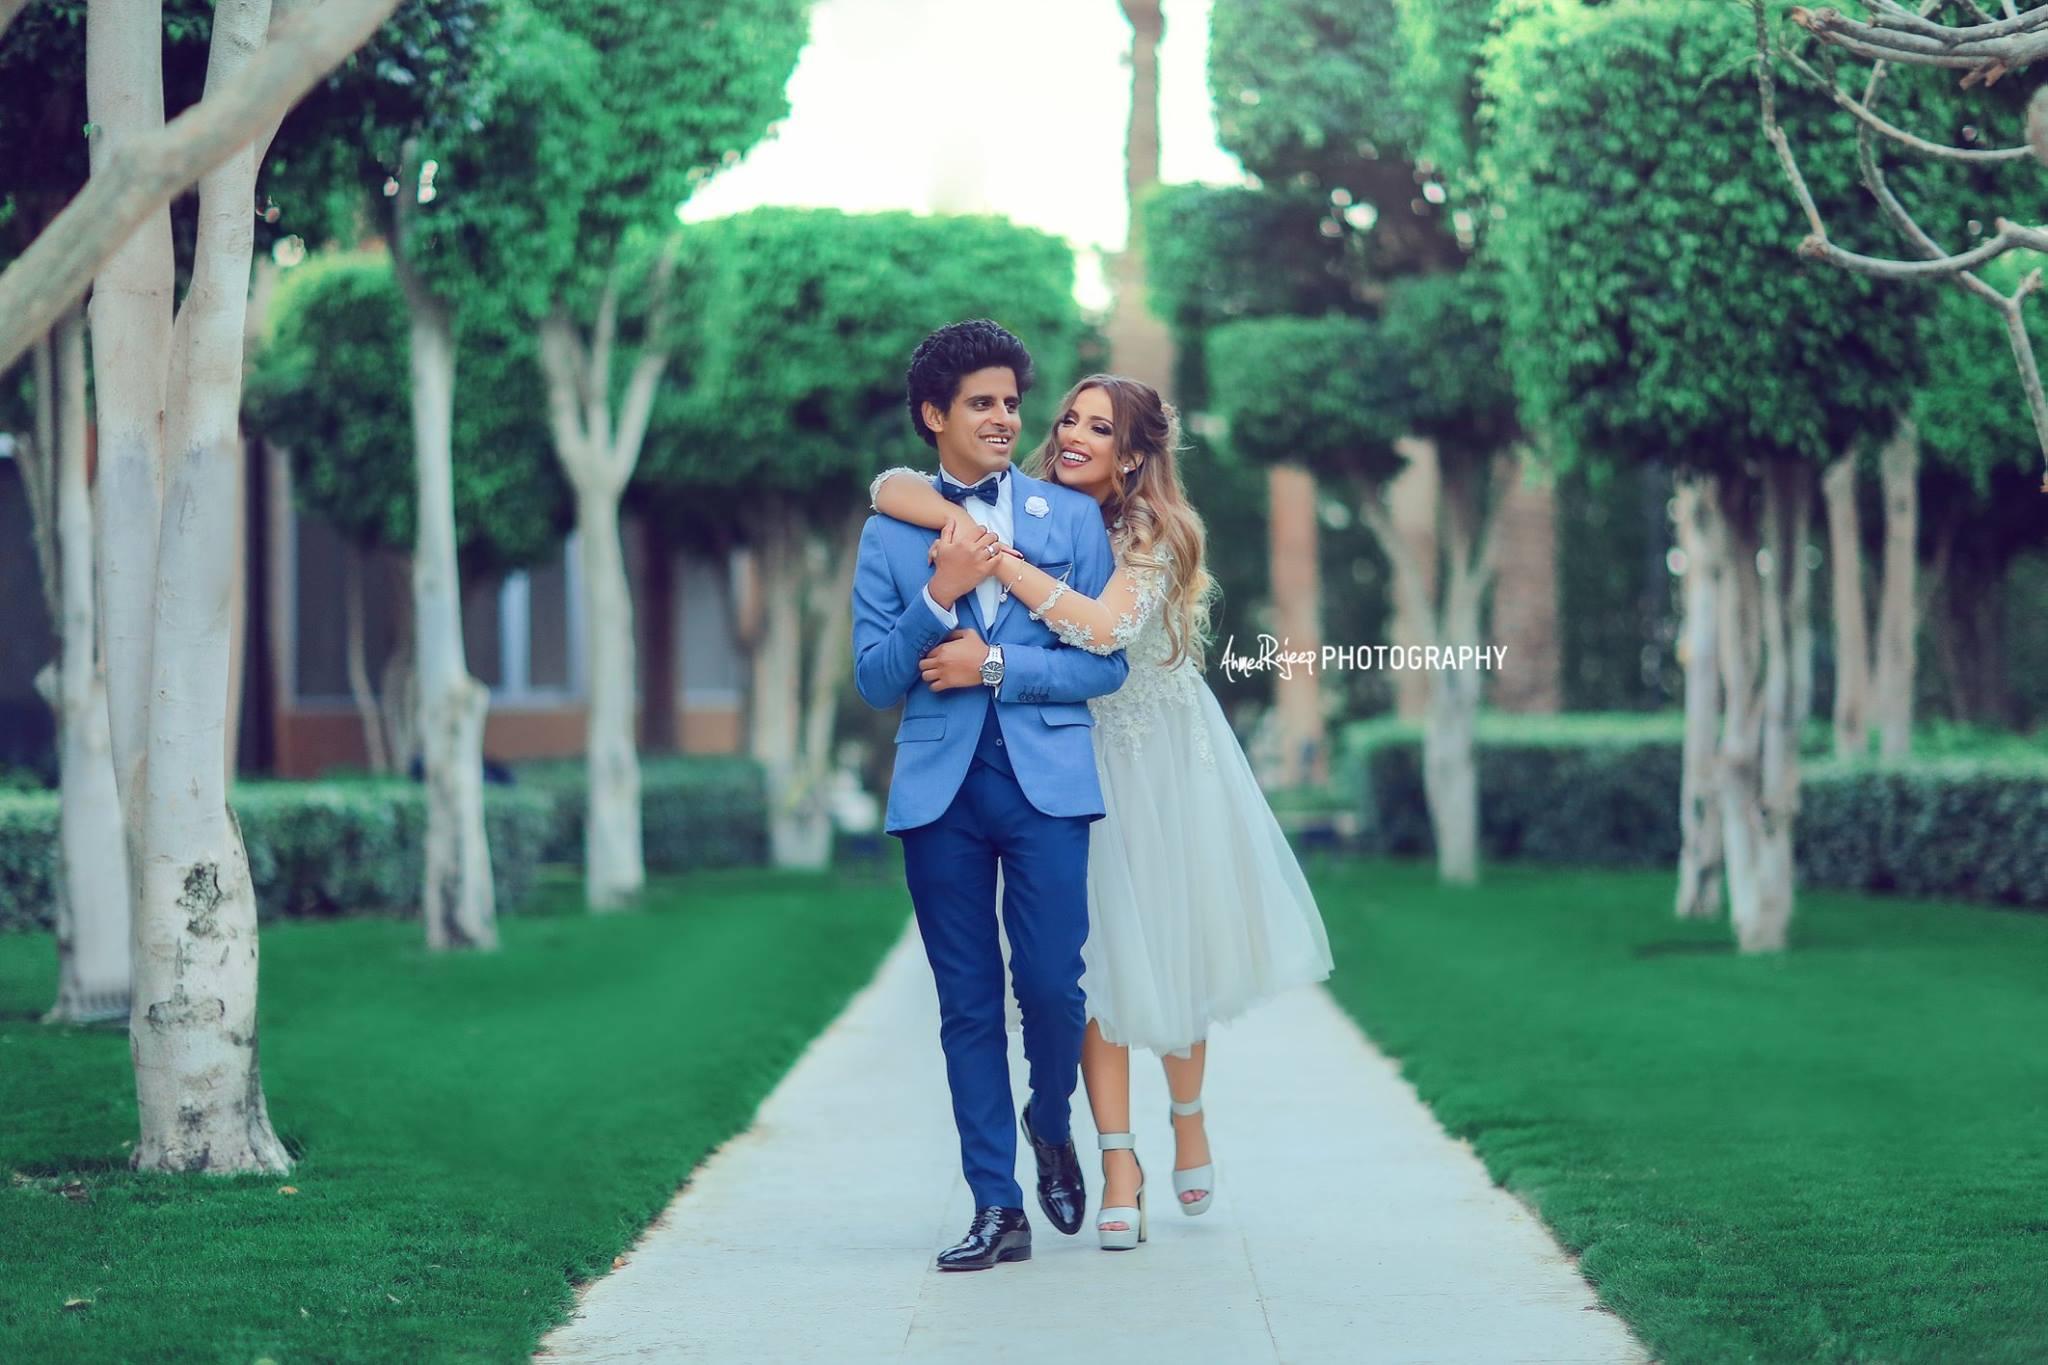 جلسة تصوير حفل زفاف حمدى الميرغنى واسراء عبد الفتاح (19)